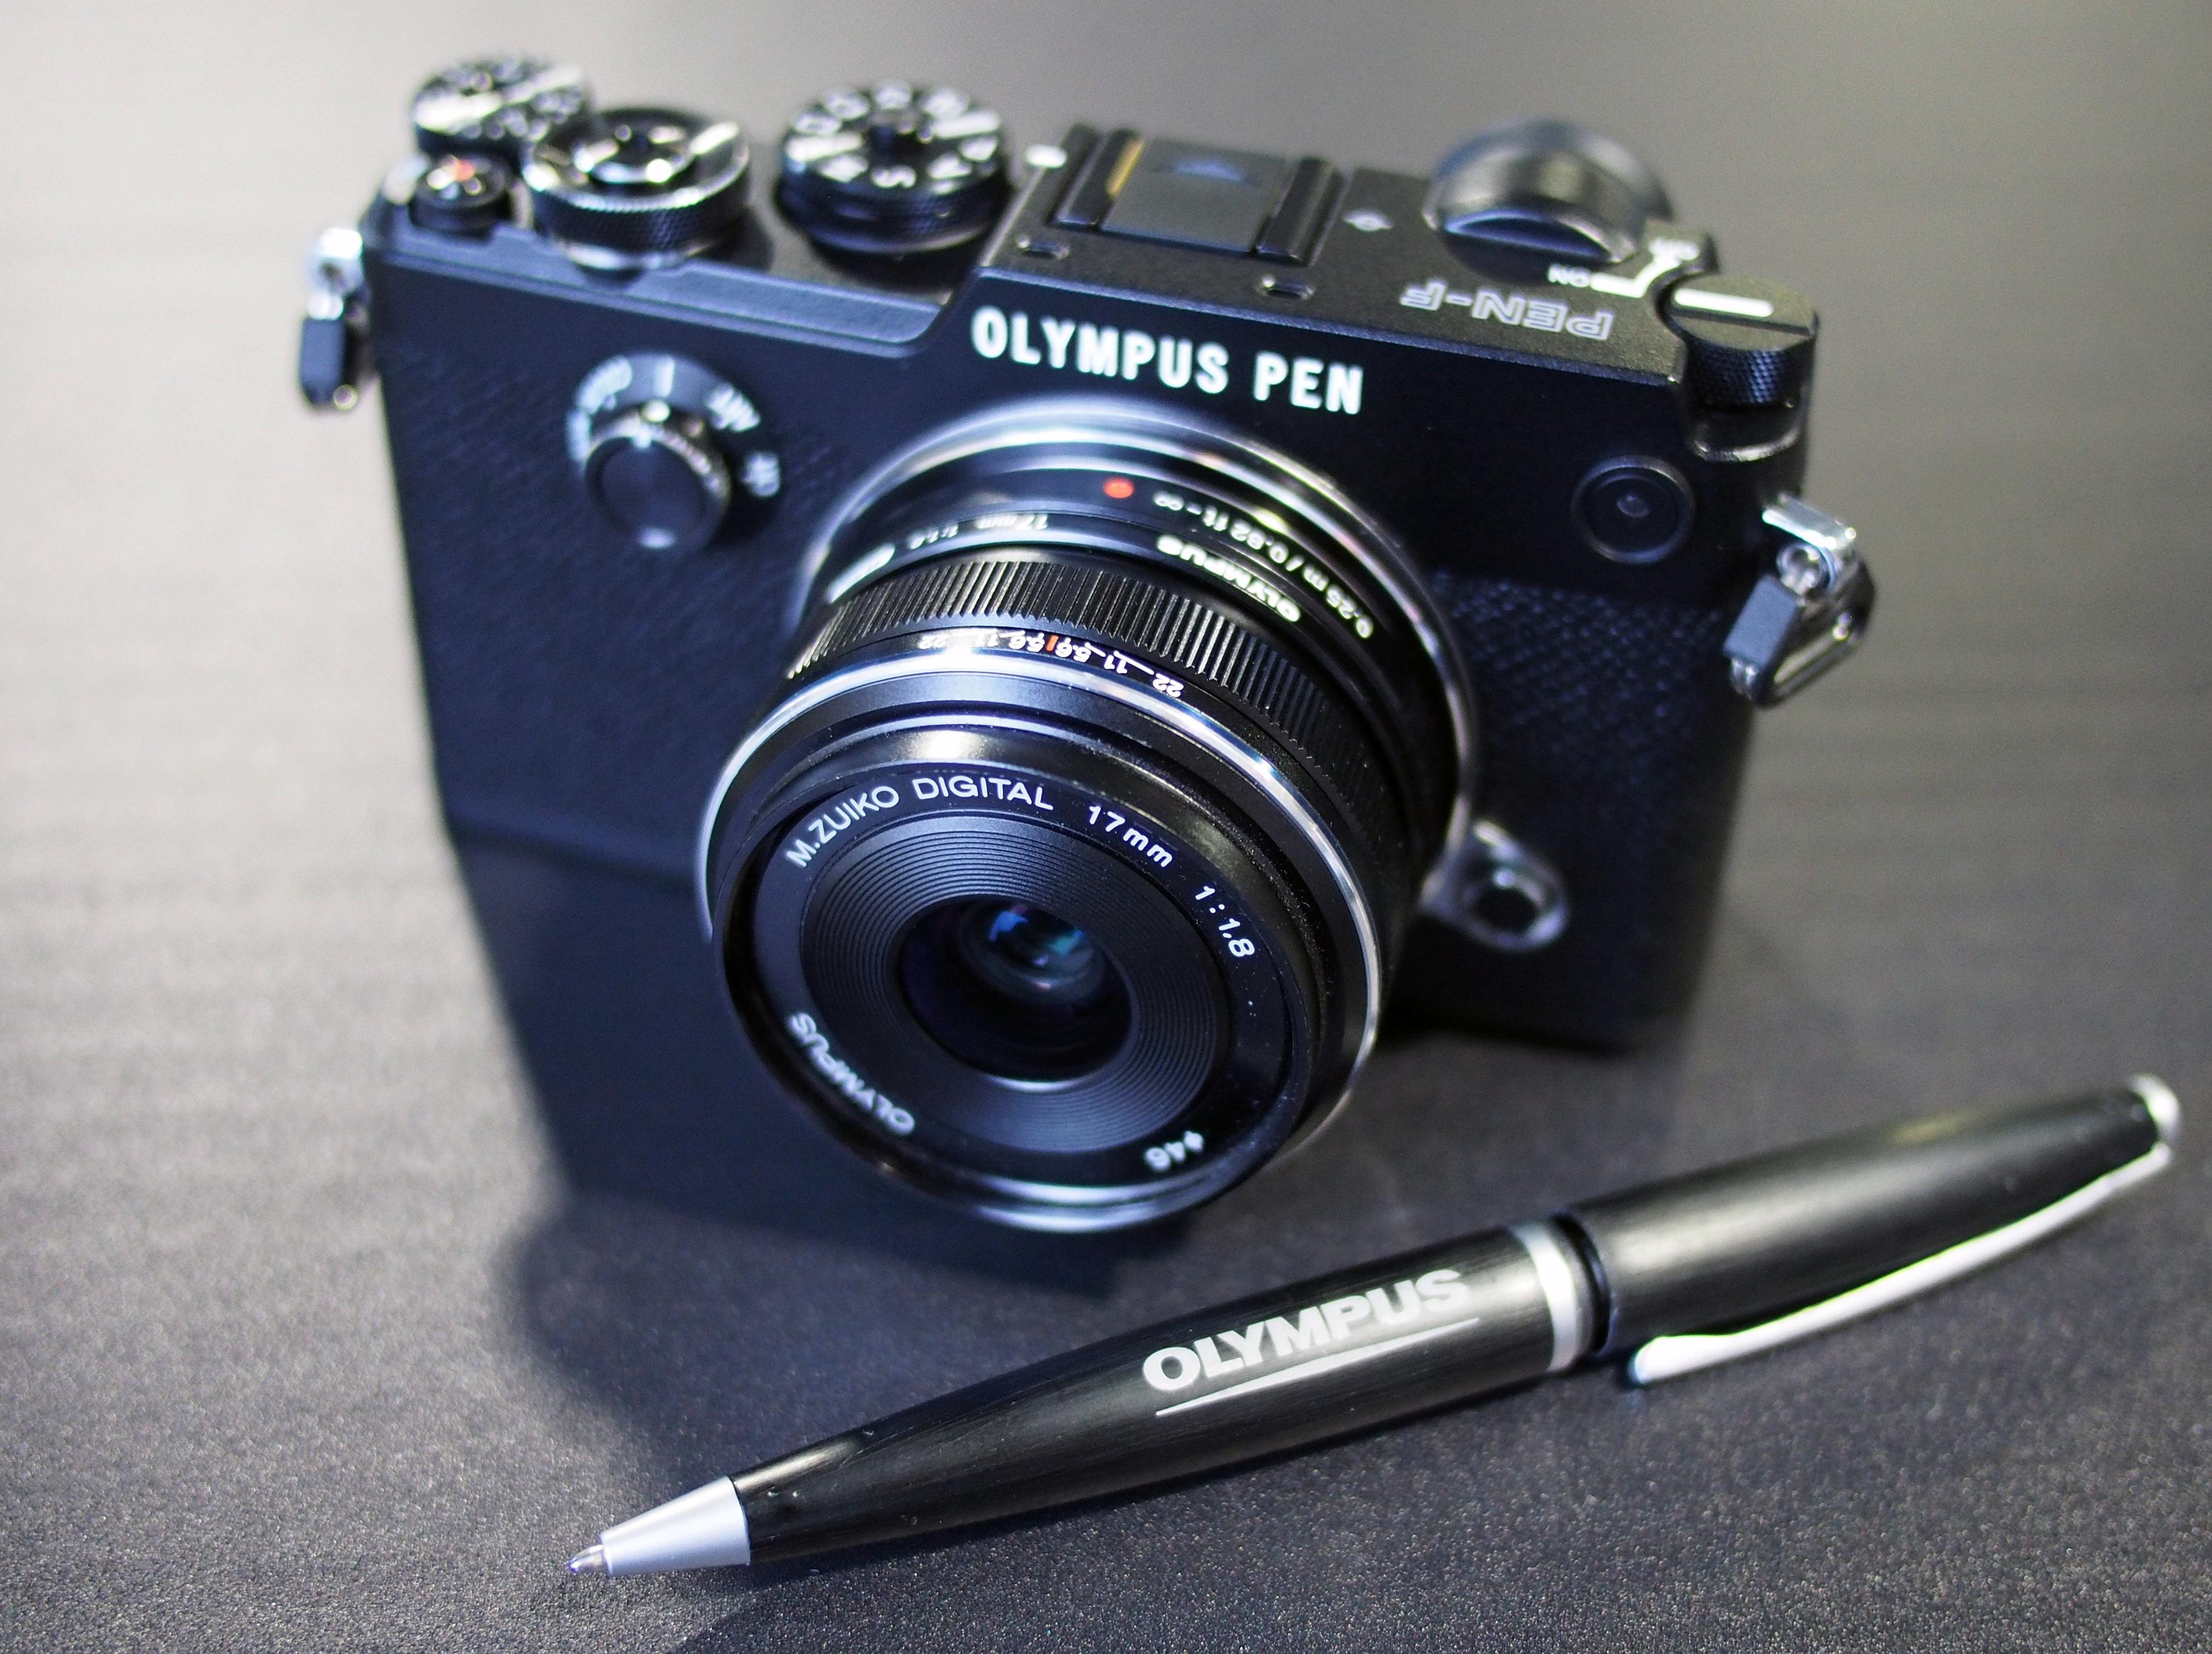 olympus pen f full review